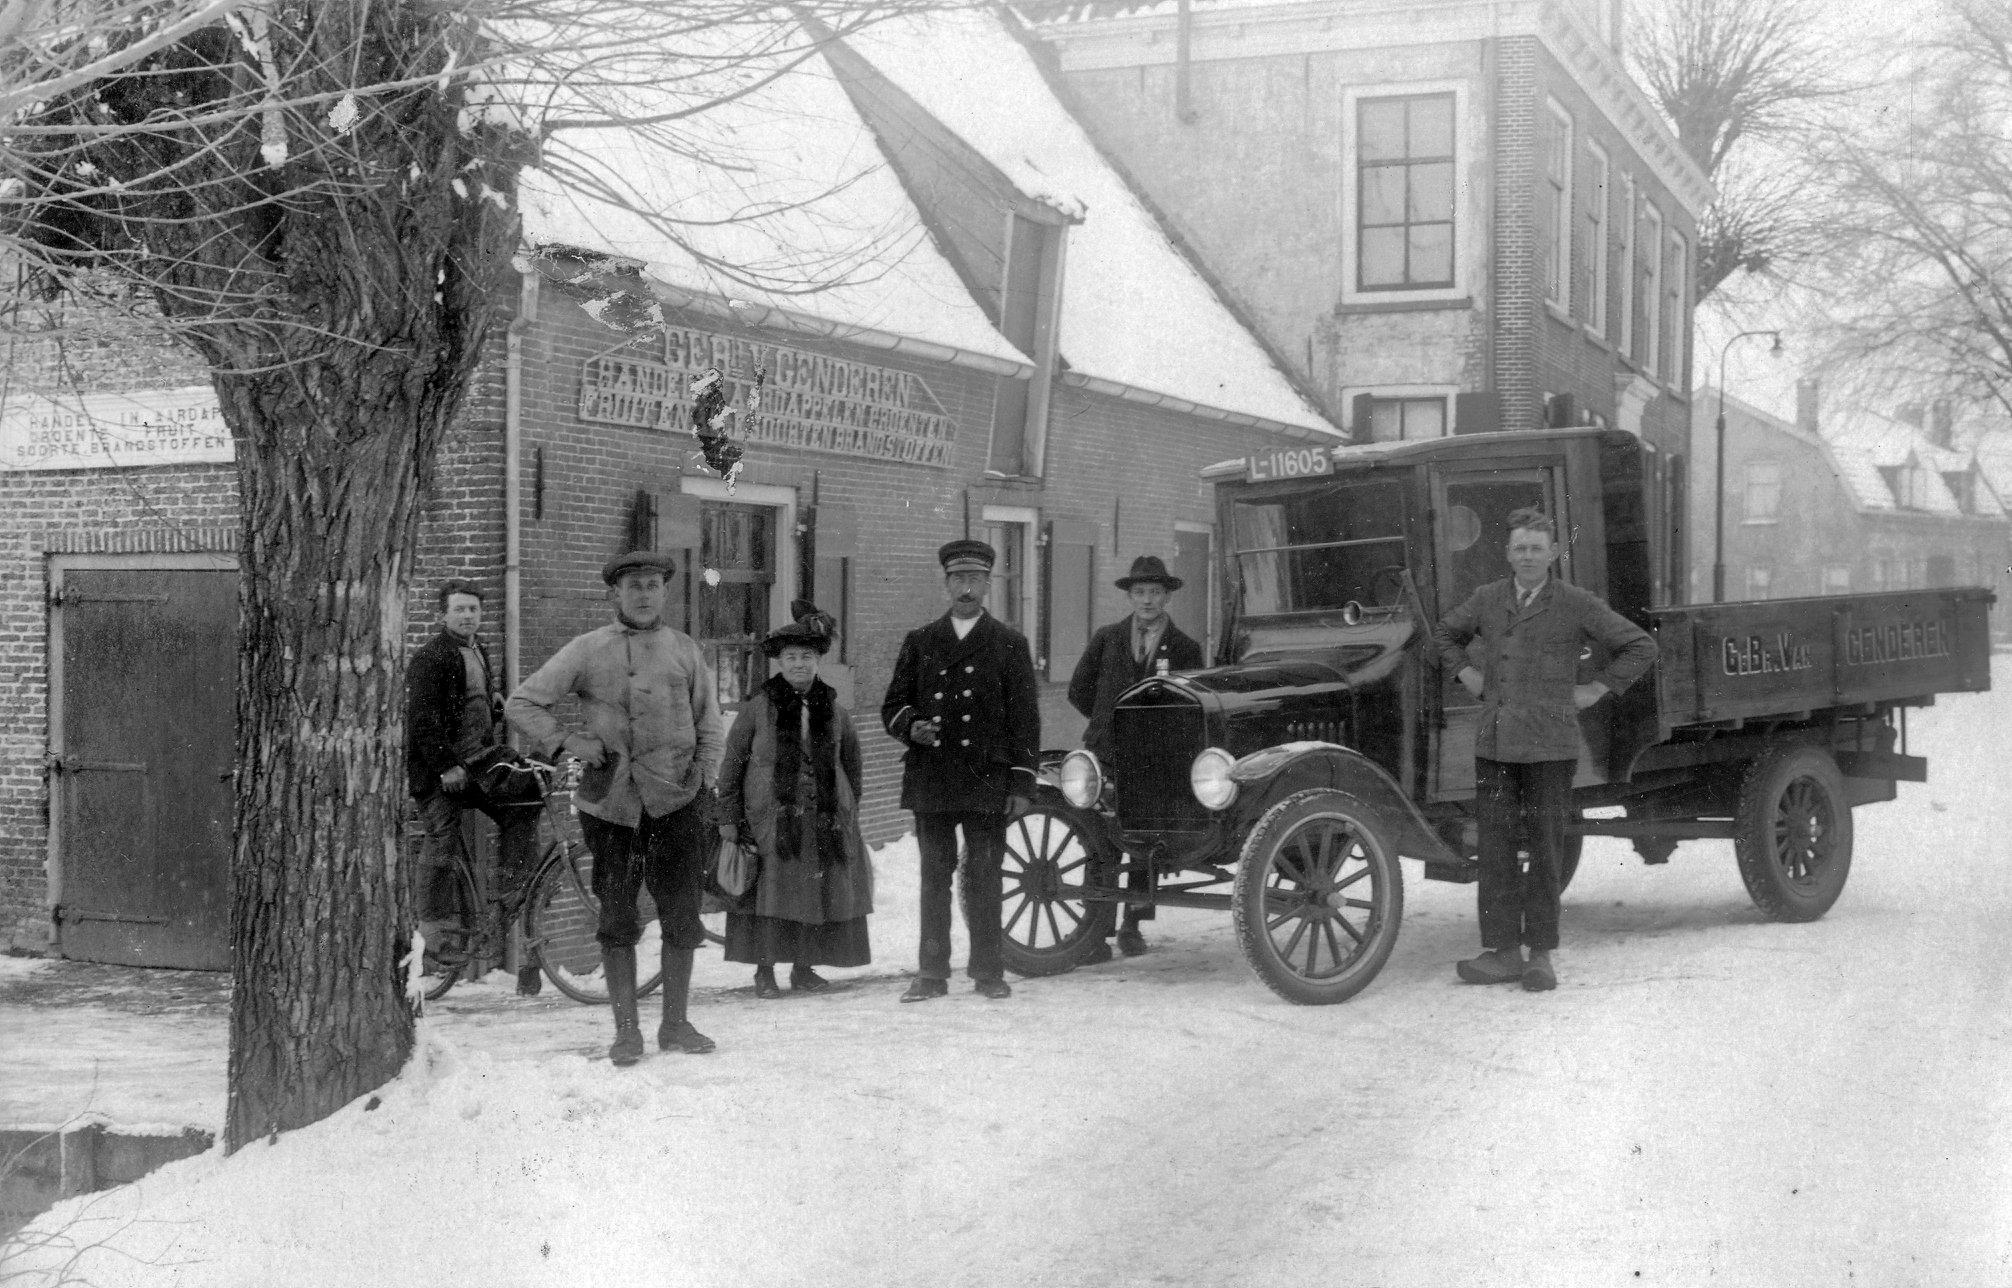 1925-Gebr--Van-Genderen--handel-in-aardappelen--groenten-en-fruit-en-brandstoffen-aan-de-Herenstraat-te-Jutphaas